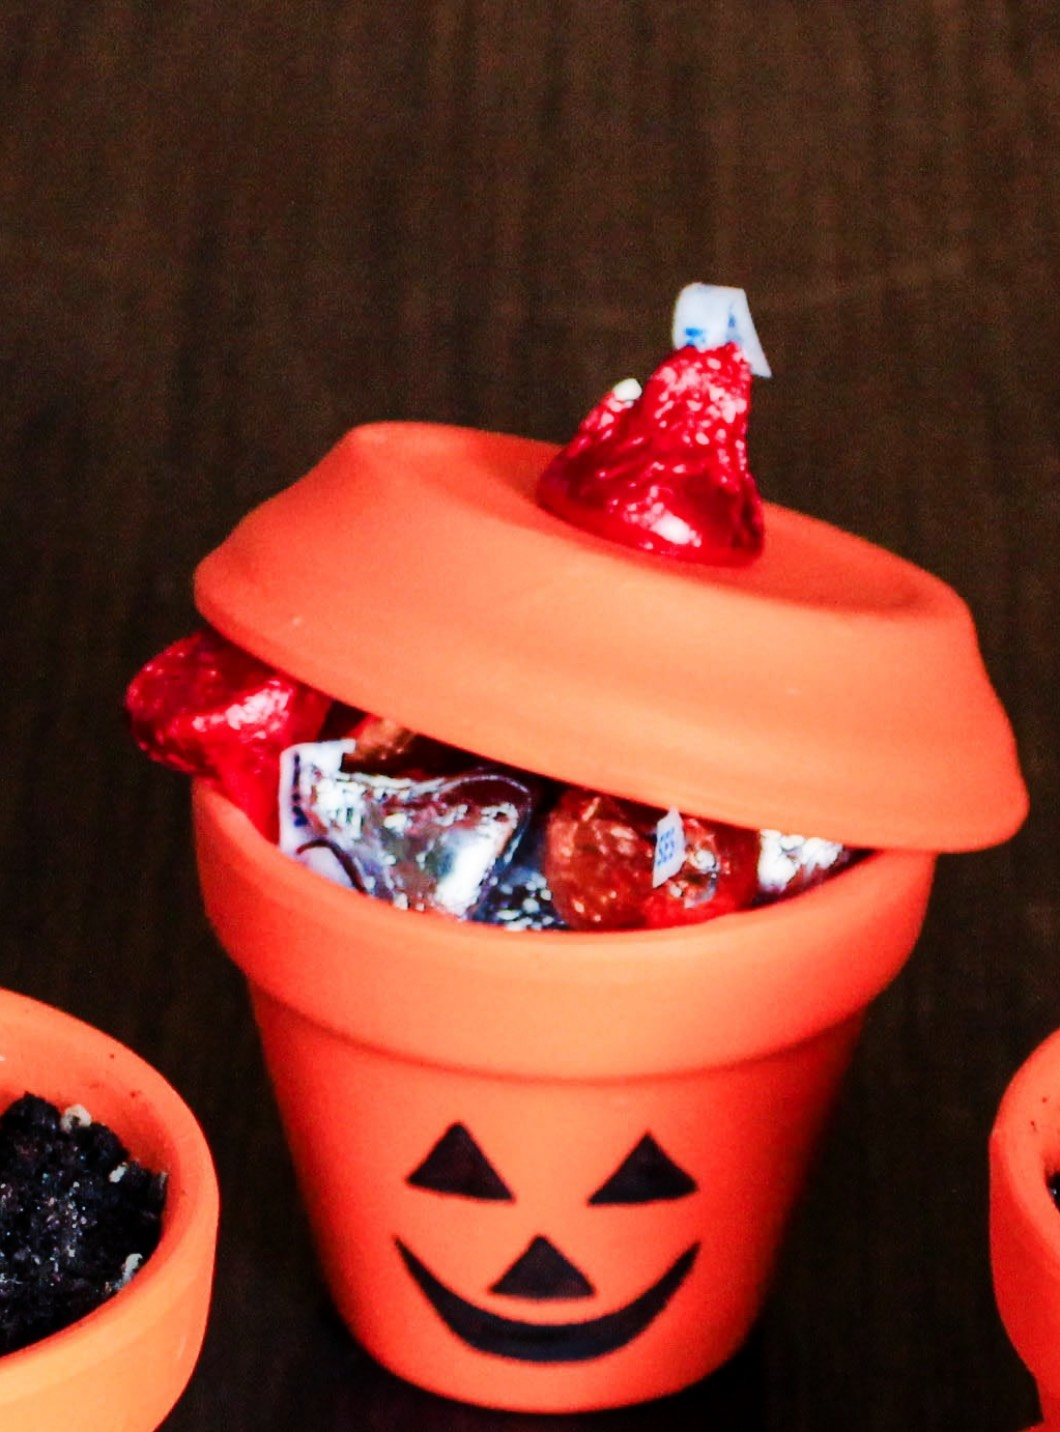 halloweenpaintedpots1